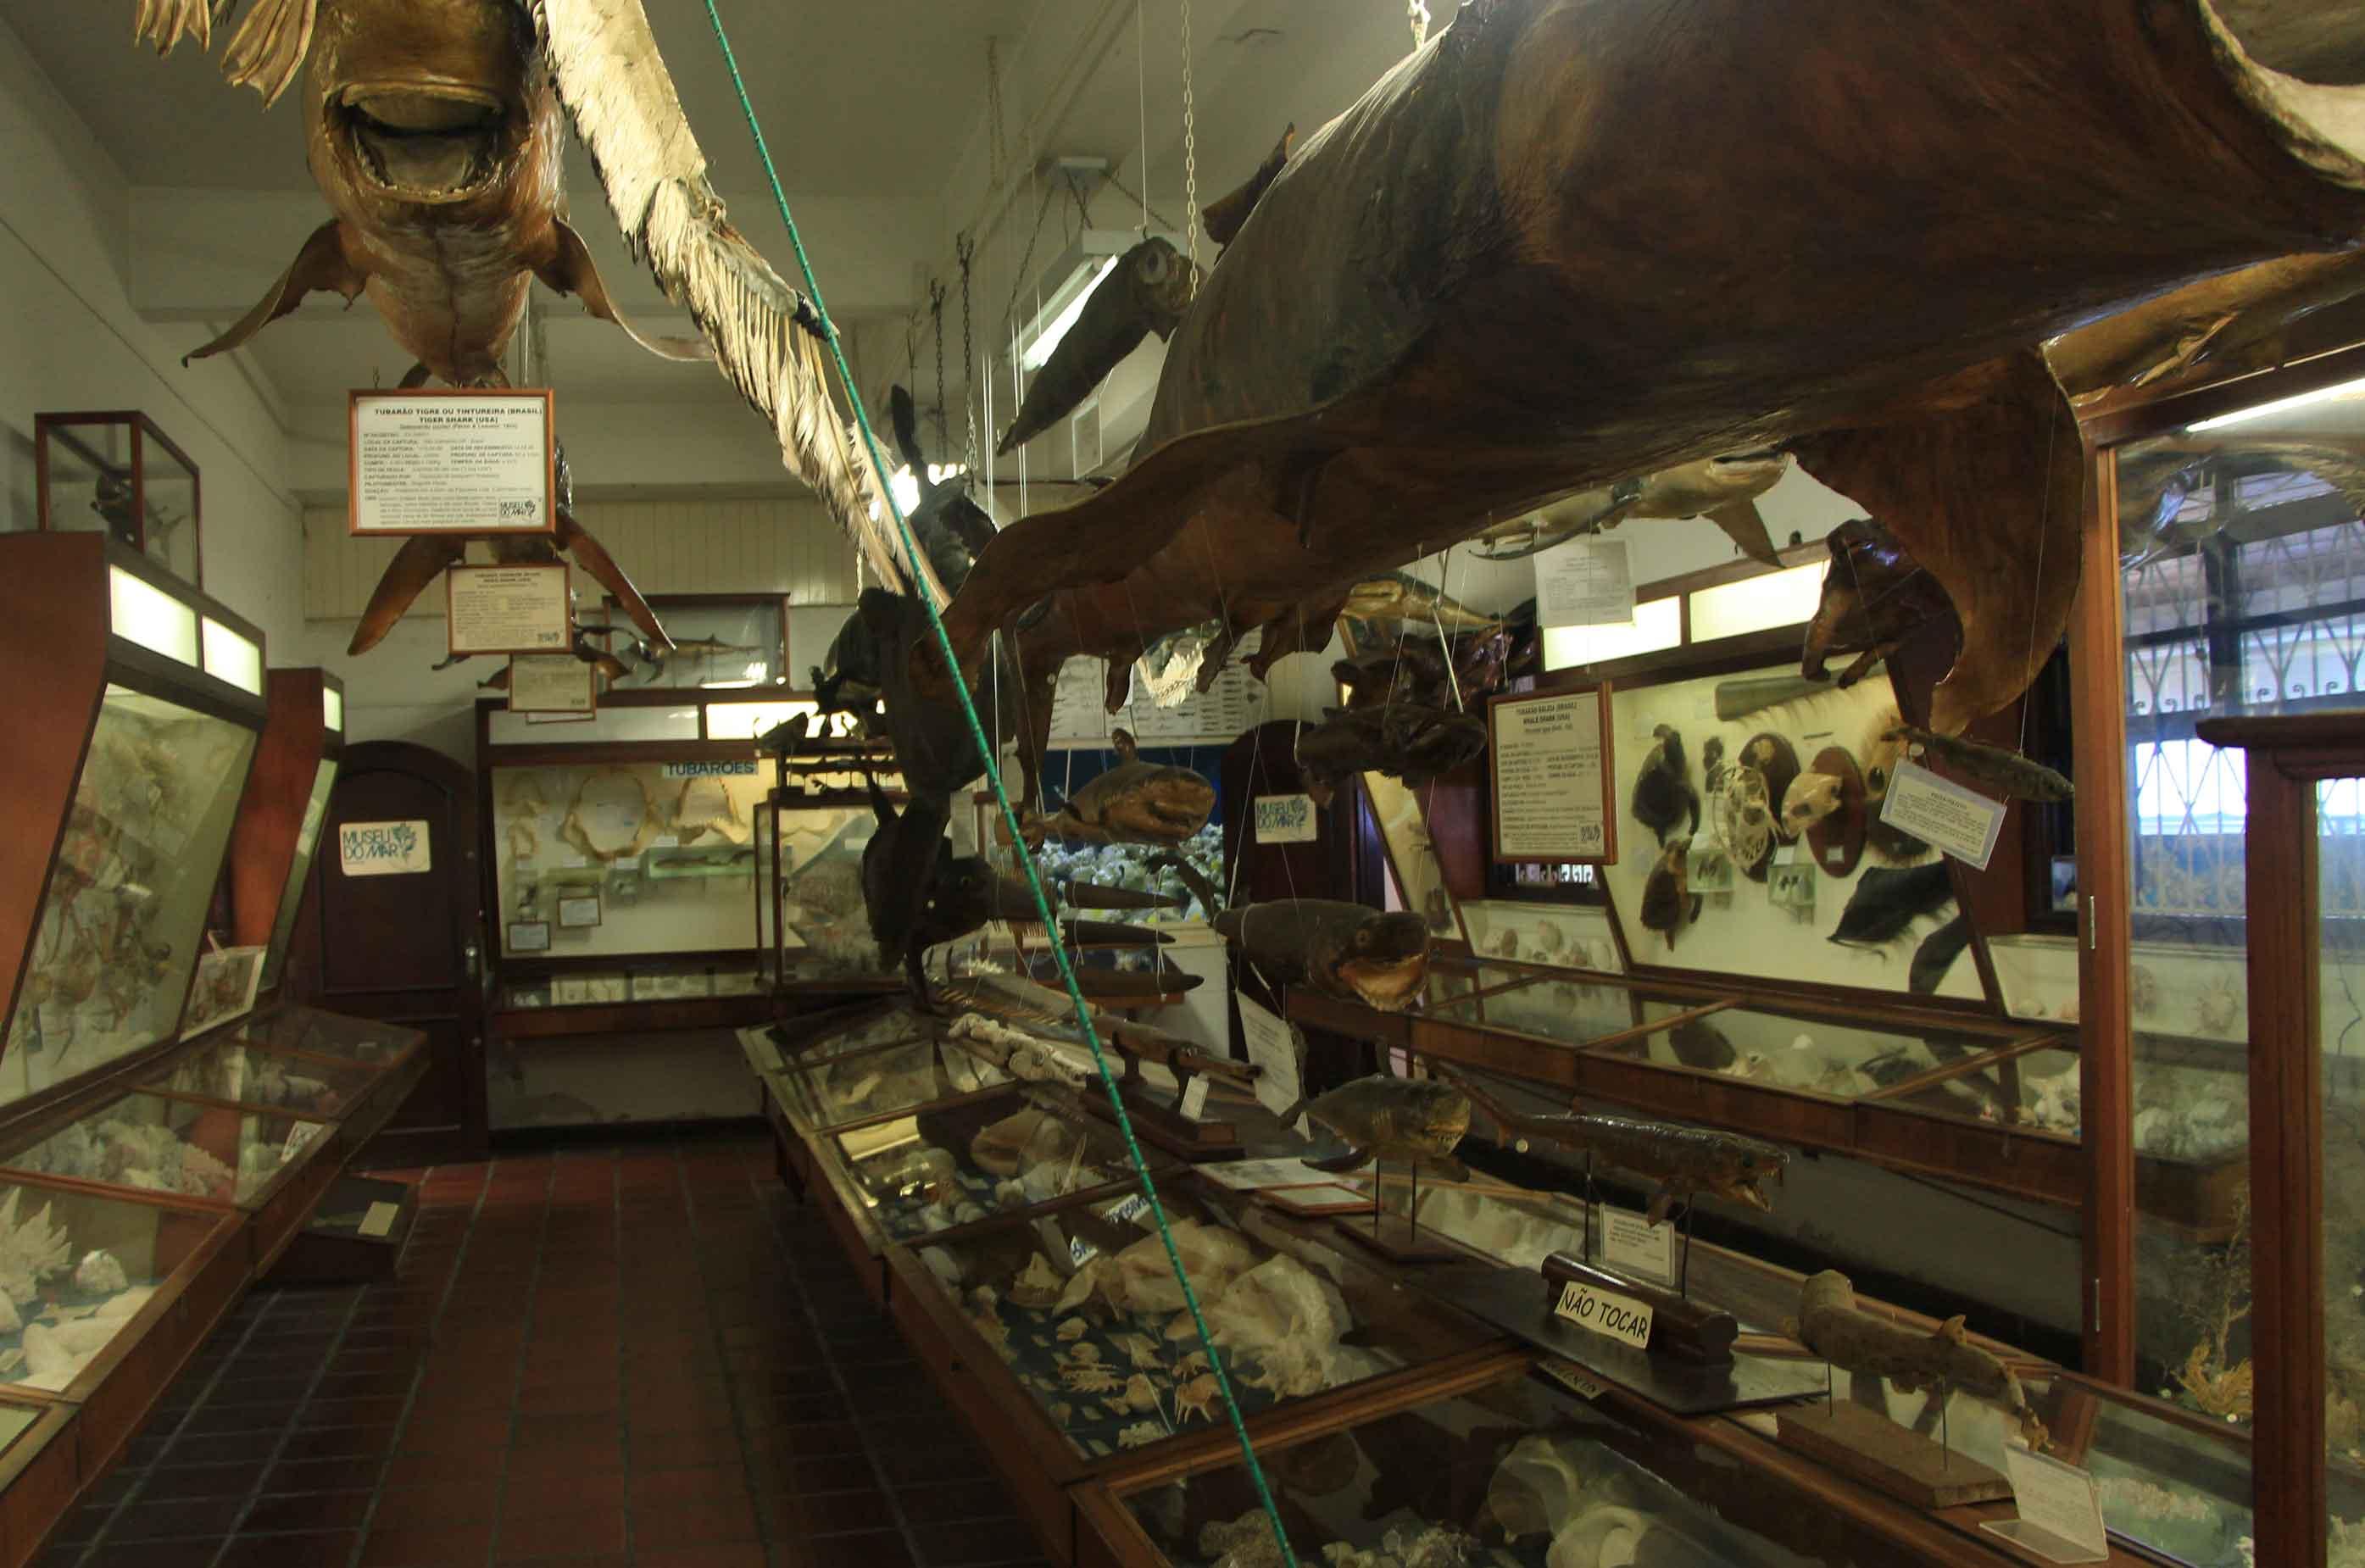 Santos-Museus-Museu-do-Mar-interior-bx